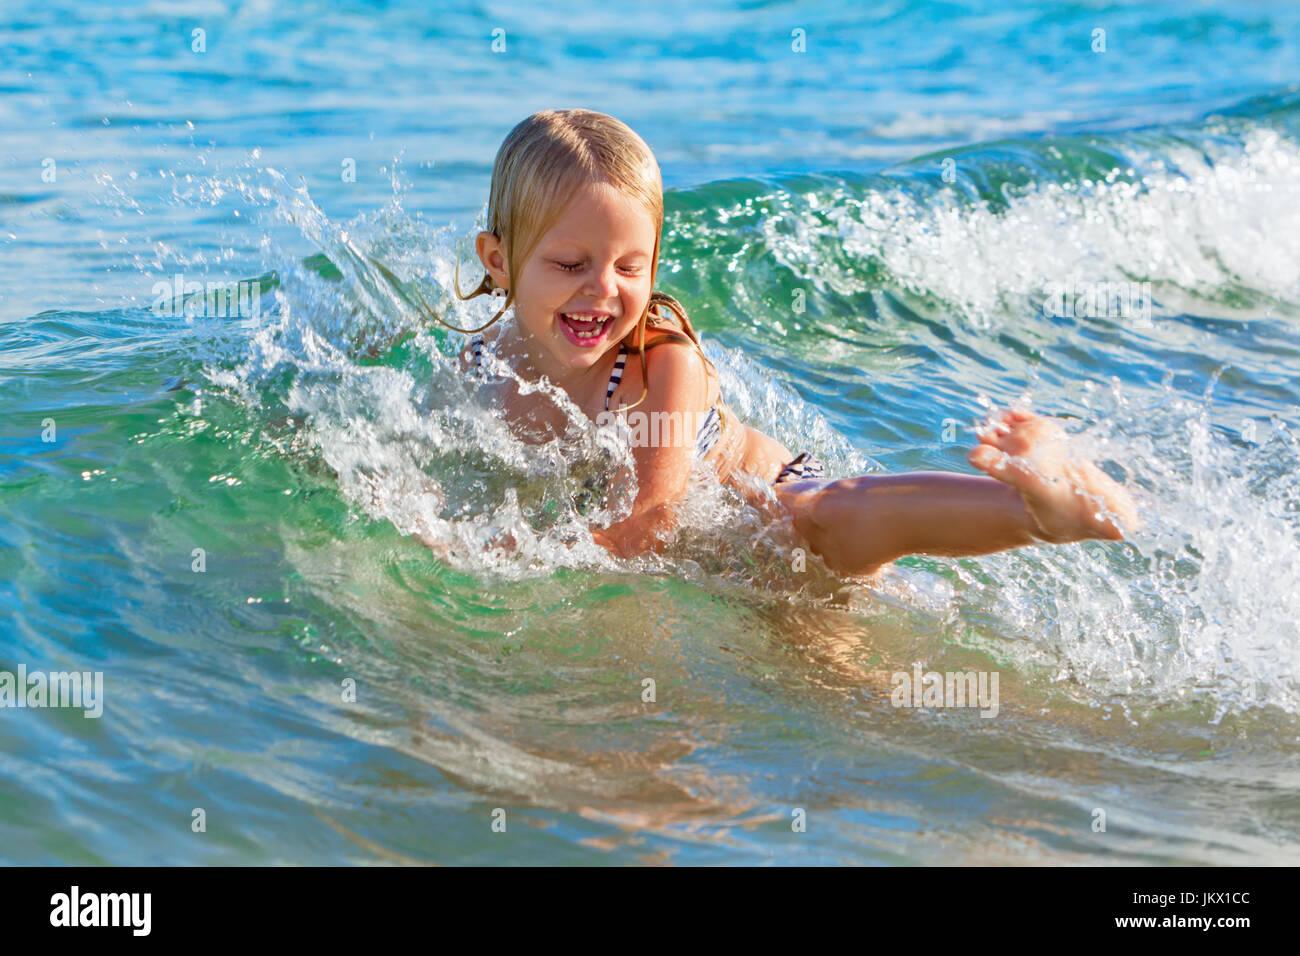 La famiglia felice stile di vita. Baby girl schizzi e saltando con il divertimento nel rompere le onde. Estate viaggi, Immagini Stock